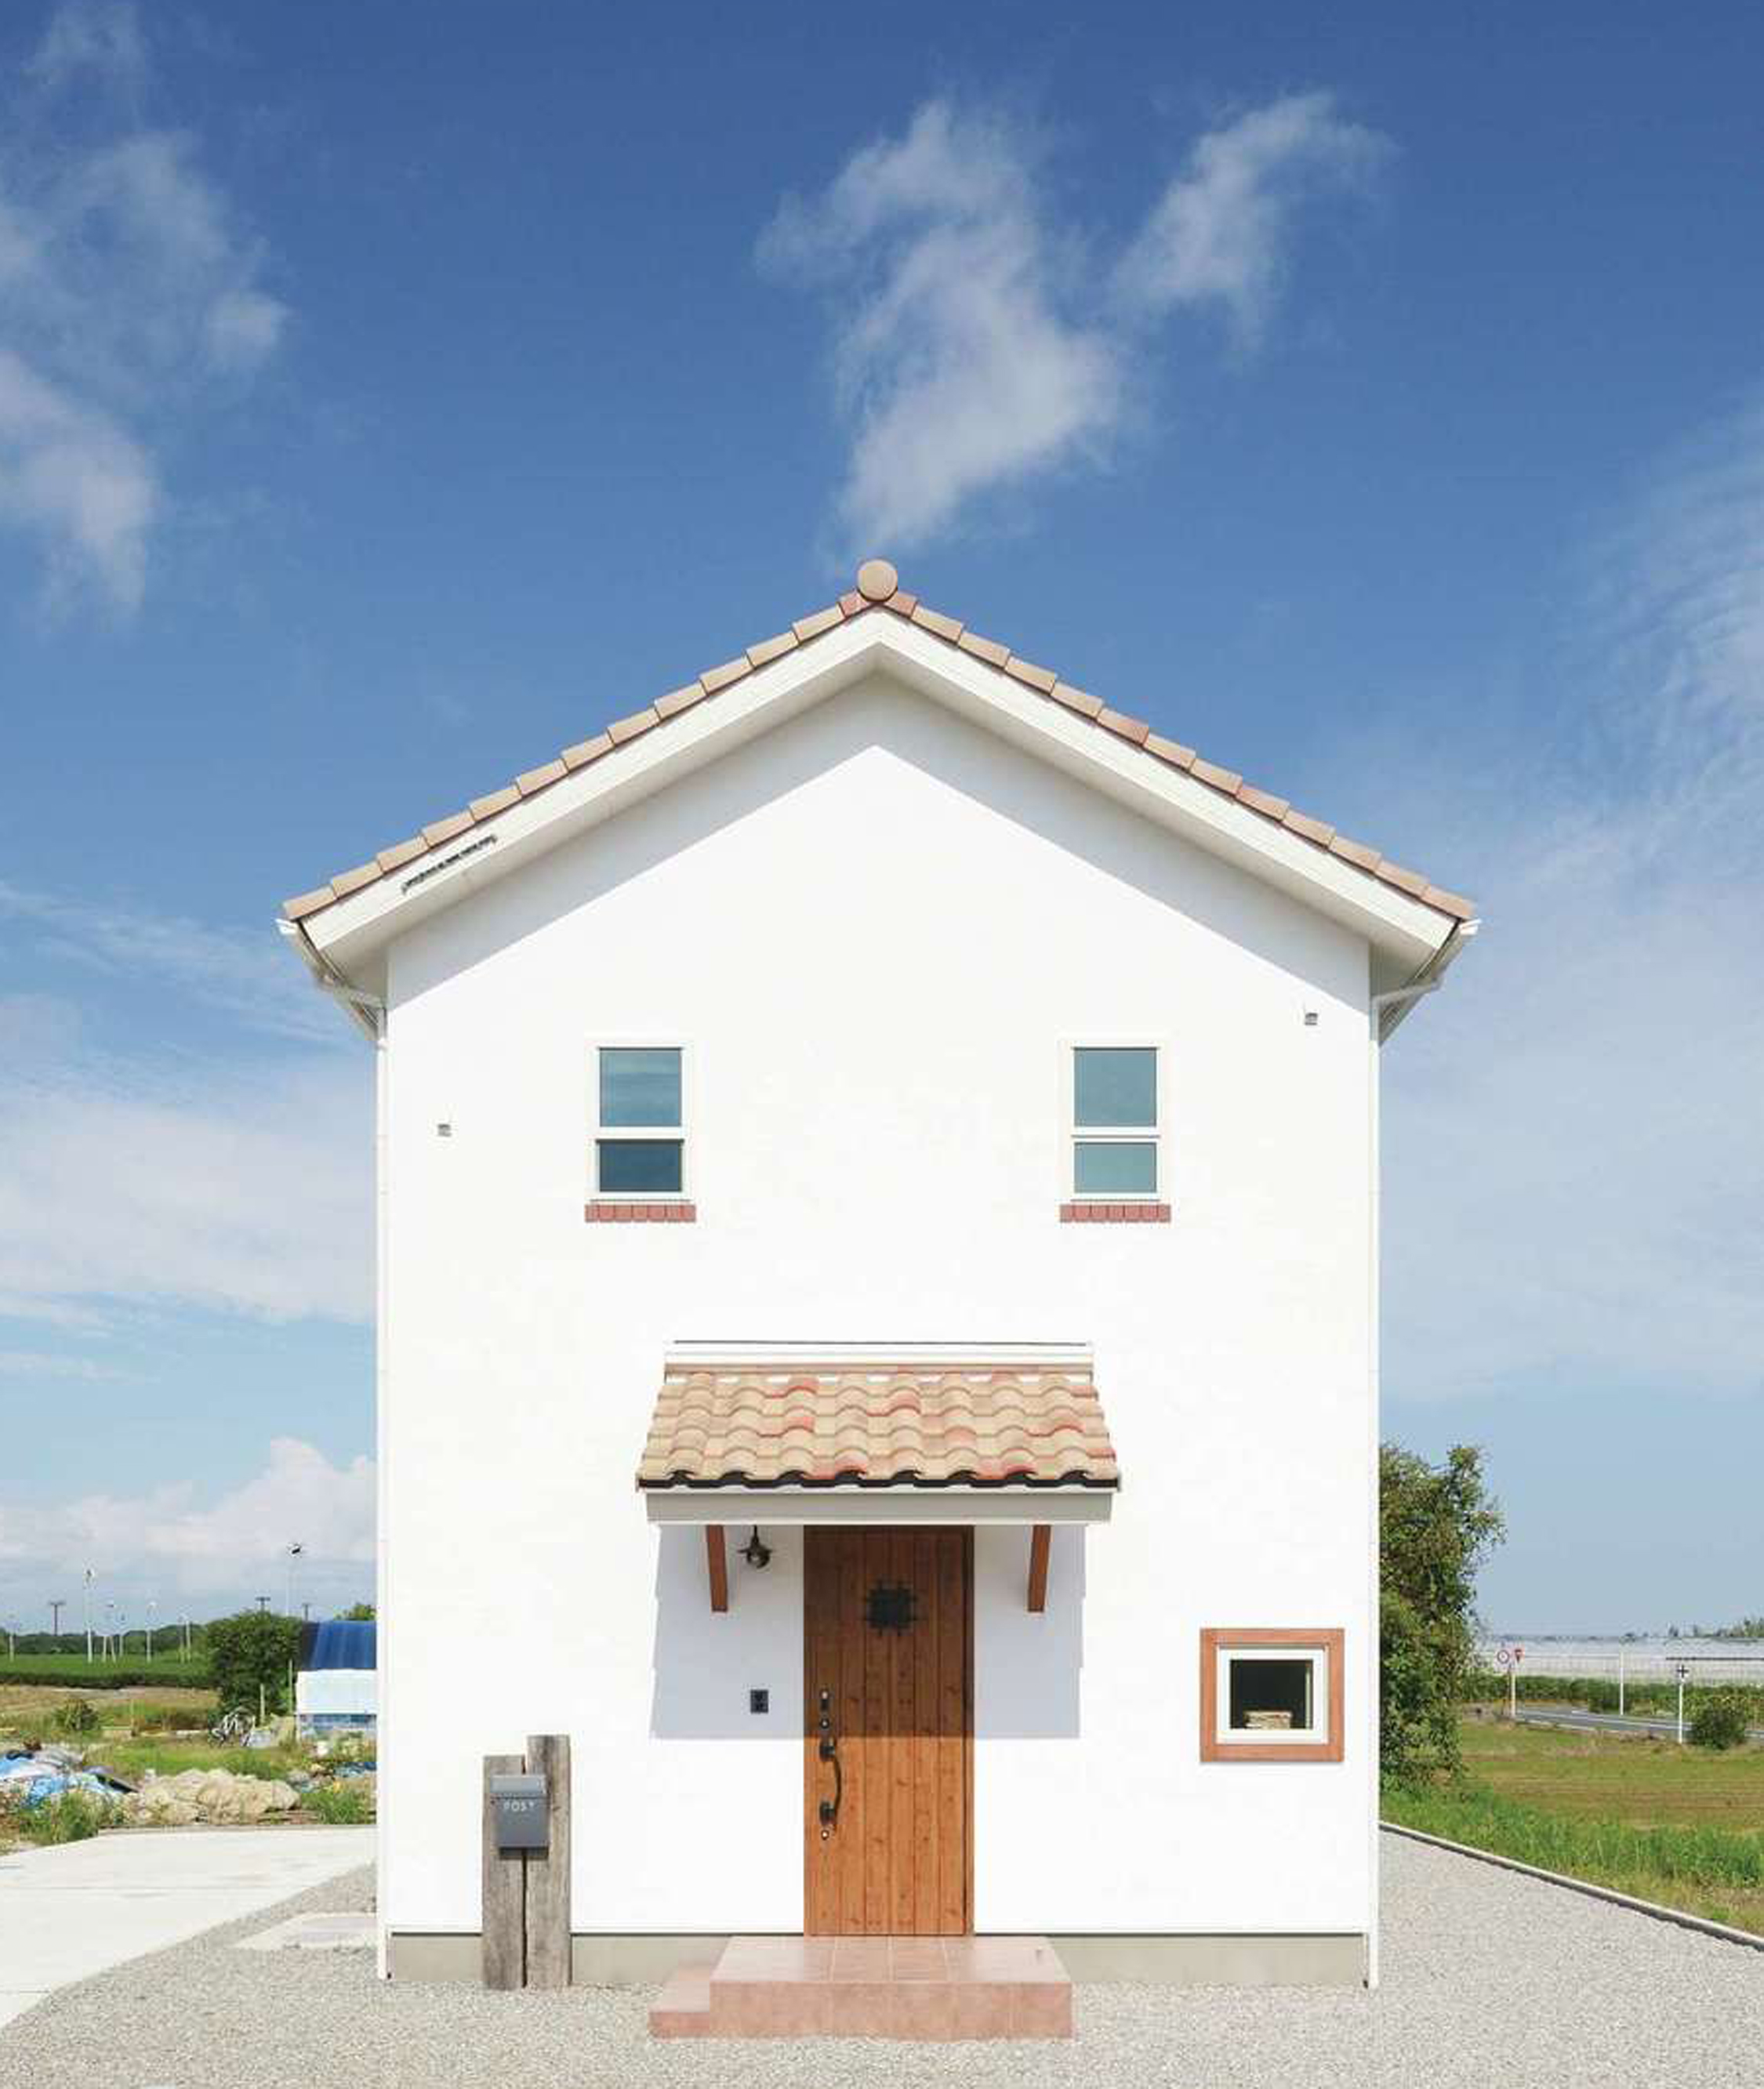 casa carina 浜北(内藤材木店)【デザイン住宅、間取り、インテリア】青空と太陽の光に映える真っ白な外観。漆喰は紫外線に反応して汚れを分解し、白さをキープする。かわいらしい窓には高性能の樹脂サッシを採用